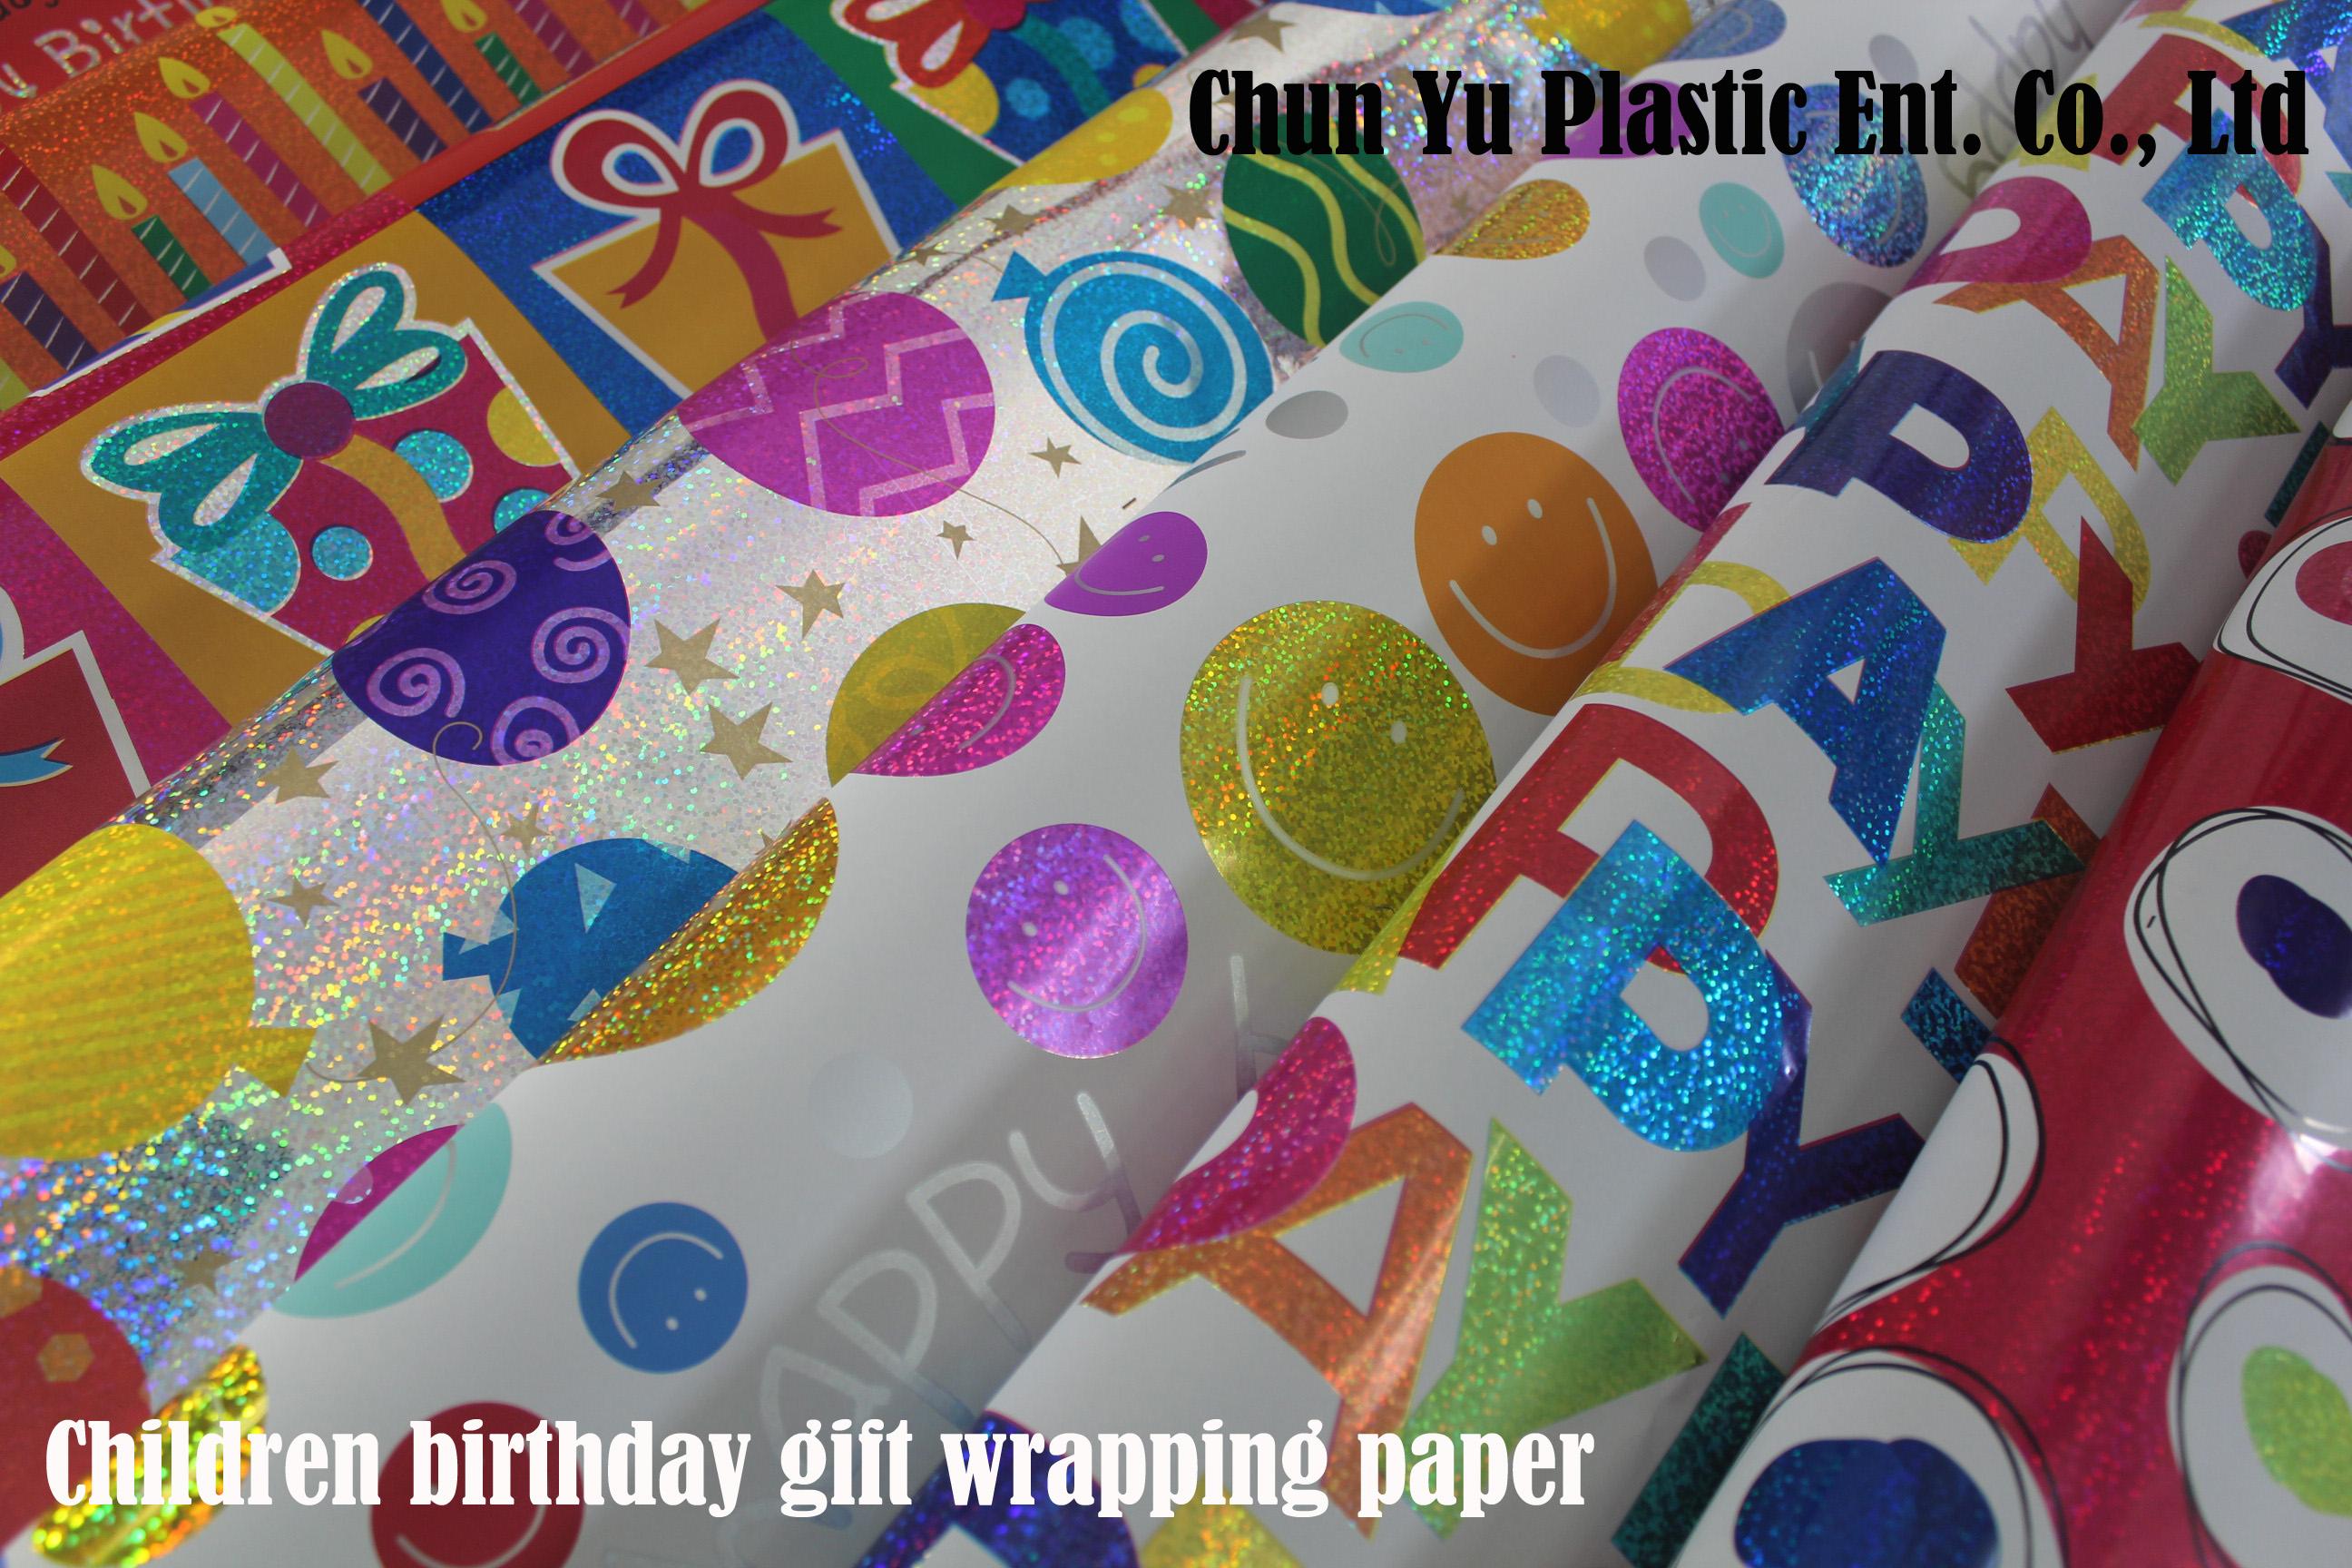 誕生日やお祝いのパーティー用に子供のデザインが印刷されたギフト包装紙。女の子と男の子のための誕生日のラッピングペーパーがあります。